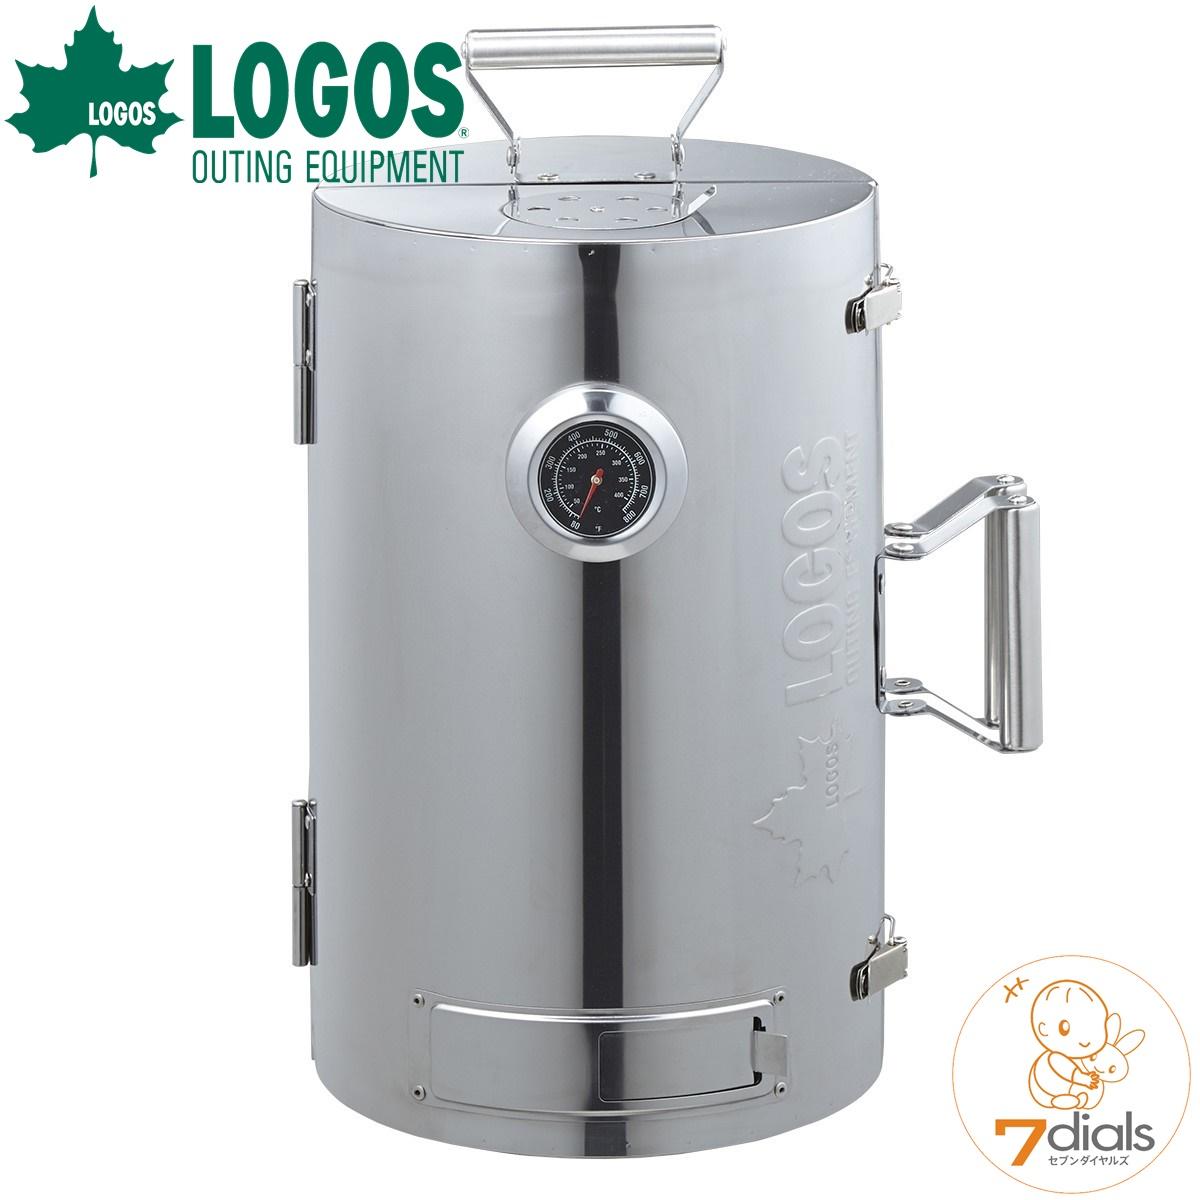 LOGOS/ロゴス LOGOSの森林 スモークタワー 燻製器 熱源がなくても燻製料理ができるスモークタワー もちろんバーナーを使った熱薫も楽しめます【送料無料】